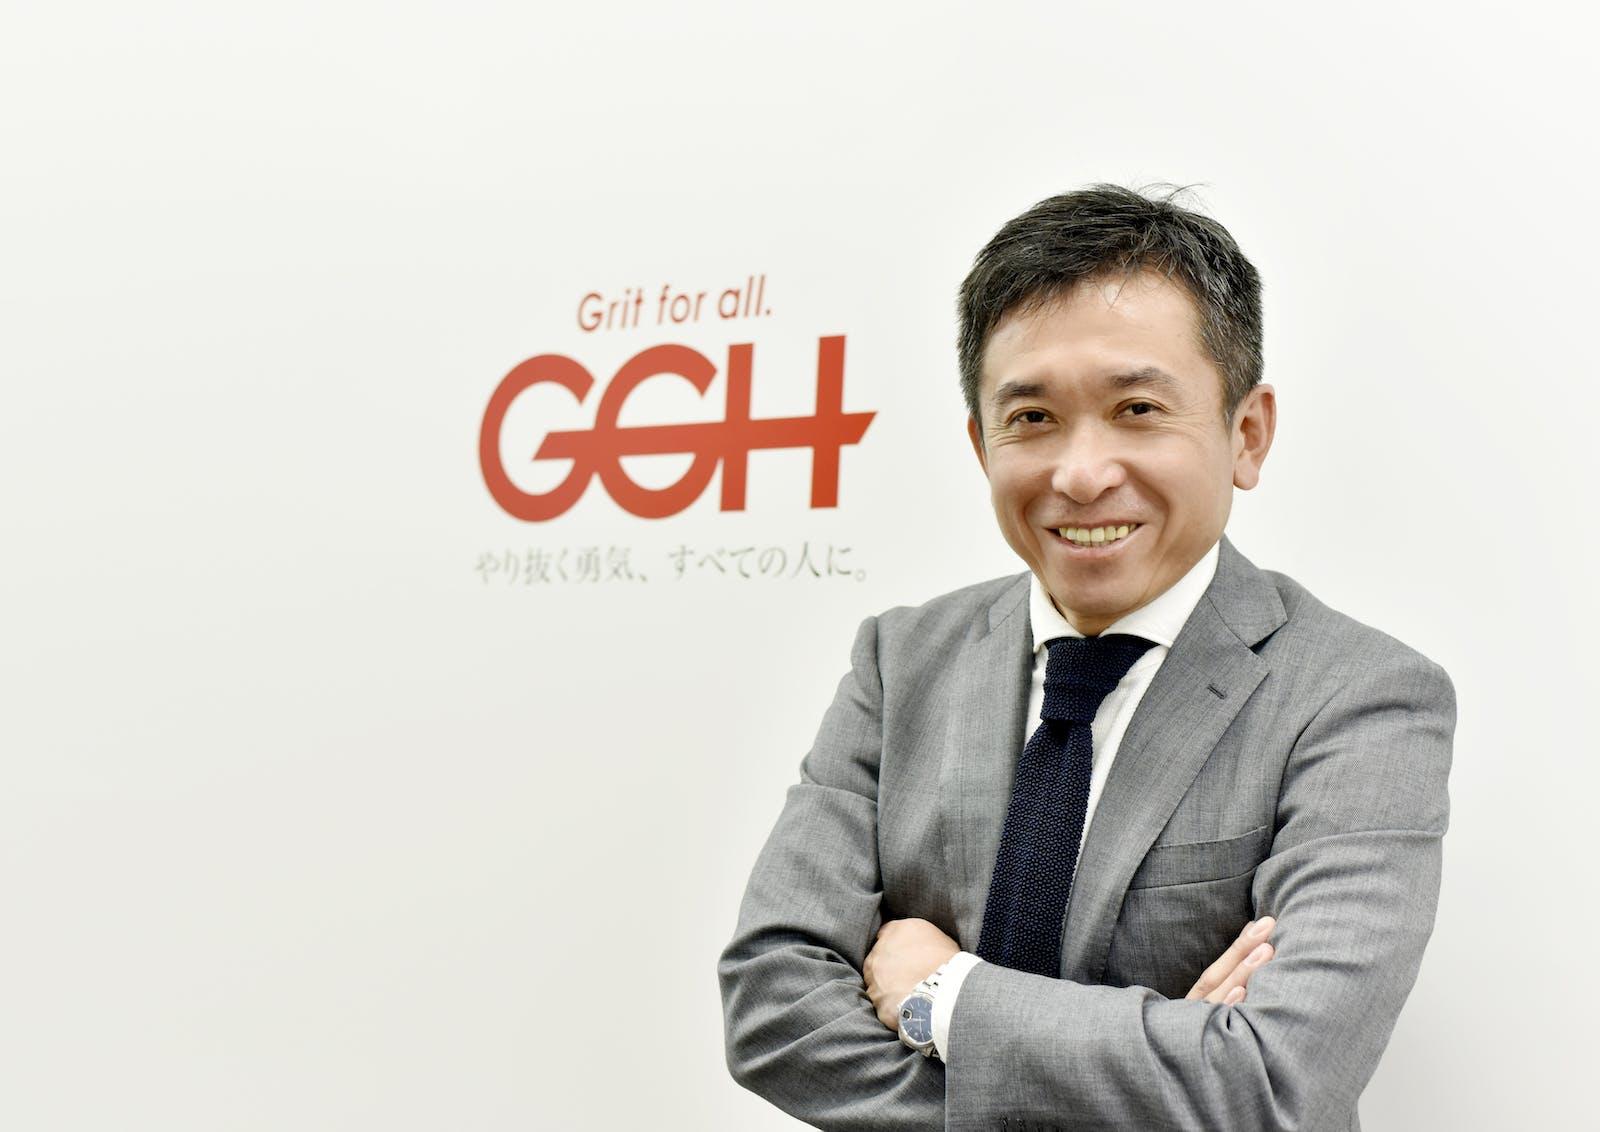 グリットグループホールディングス株式会社のアイキャッチ画像